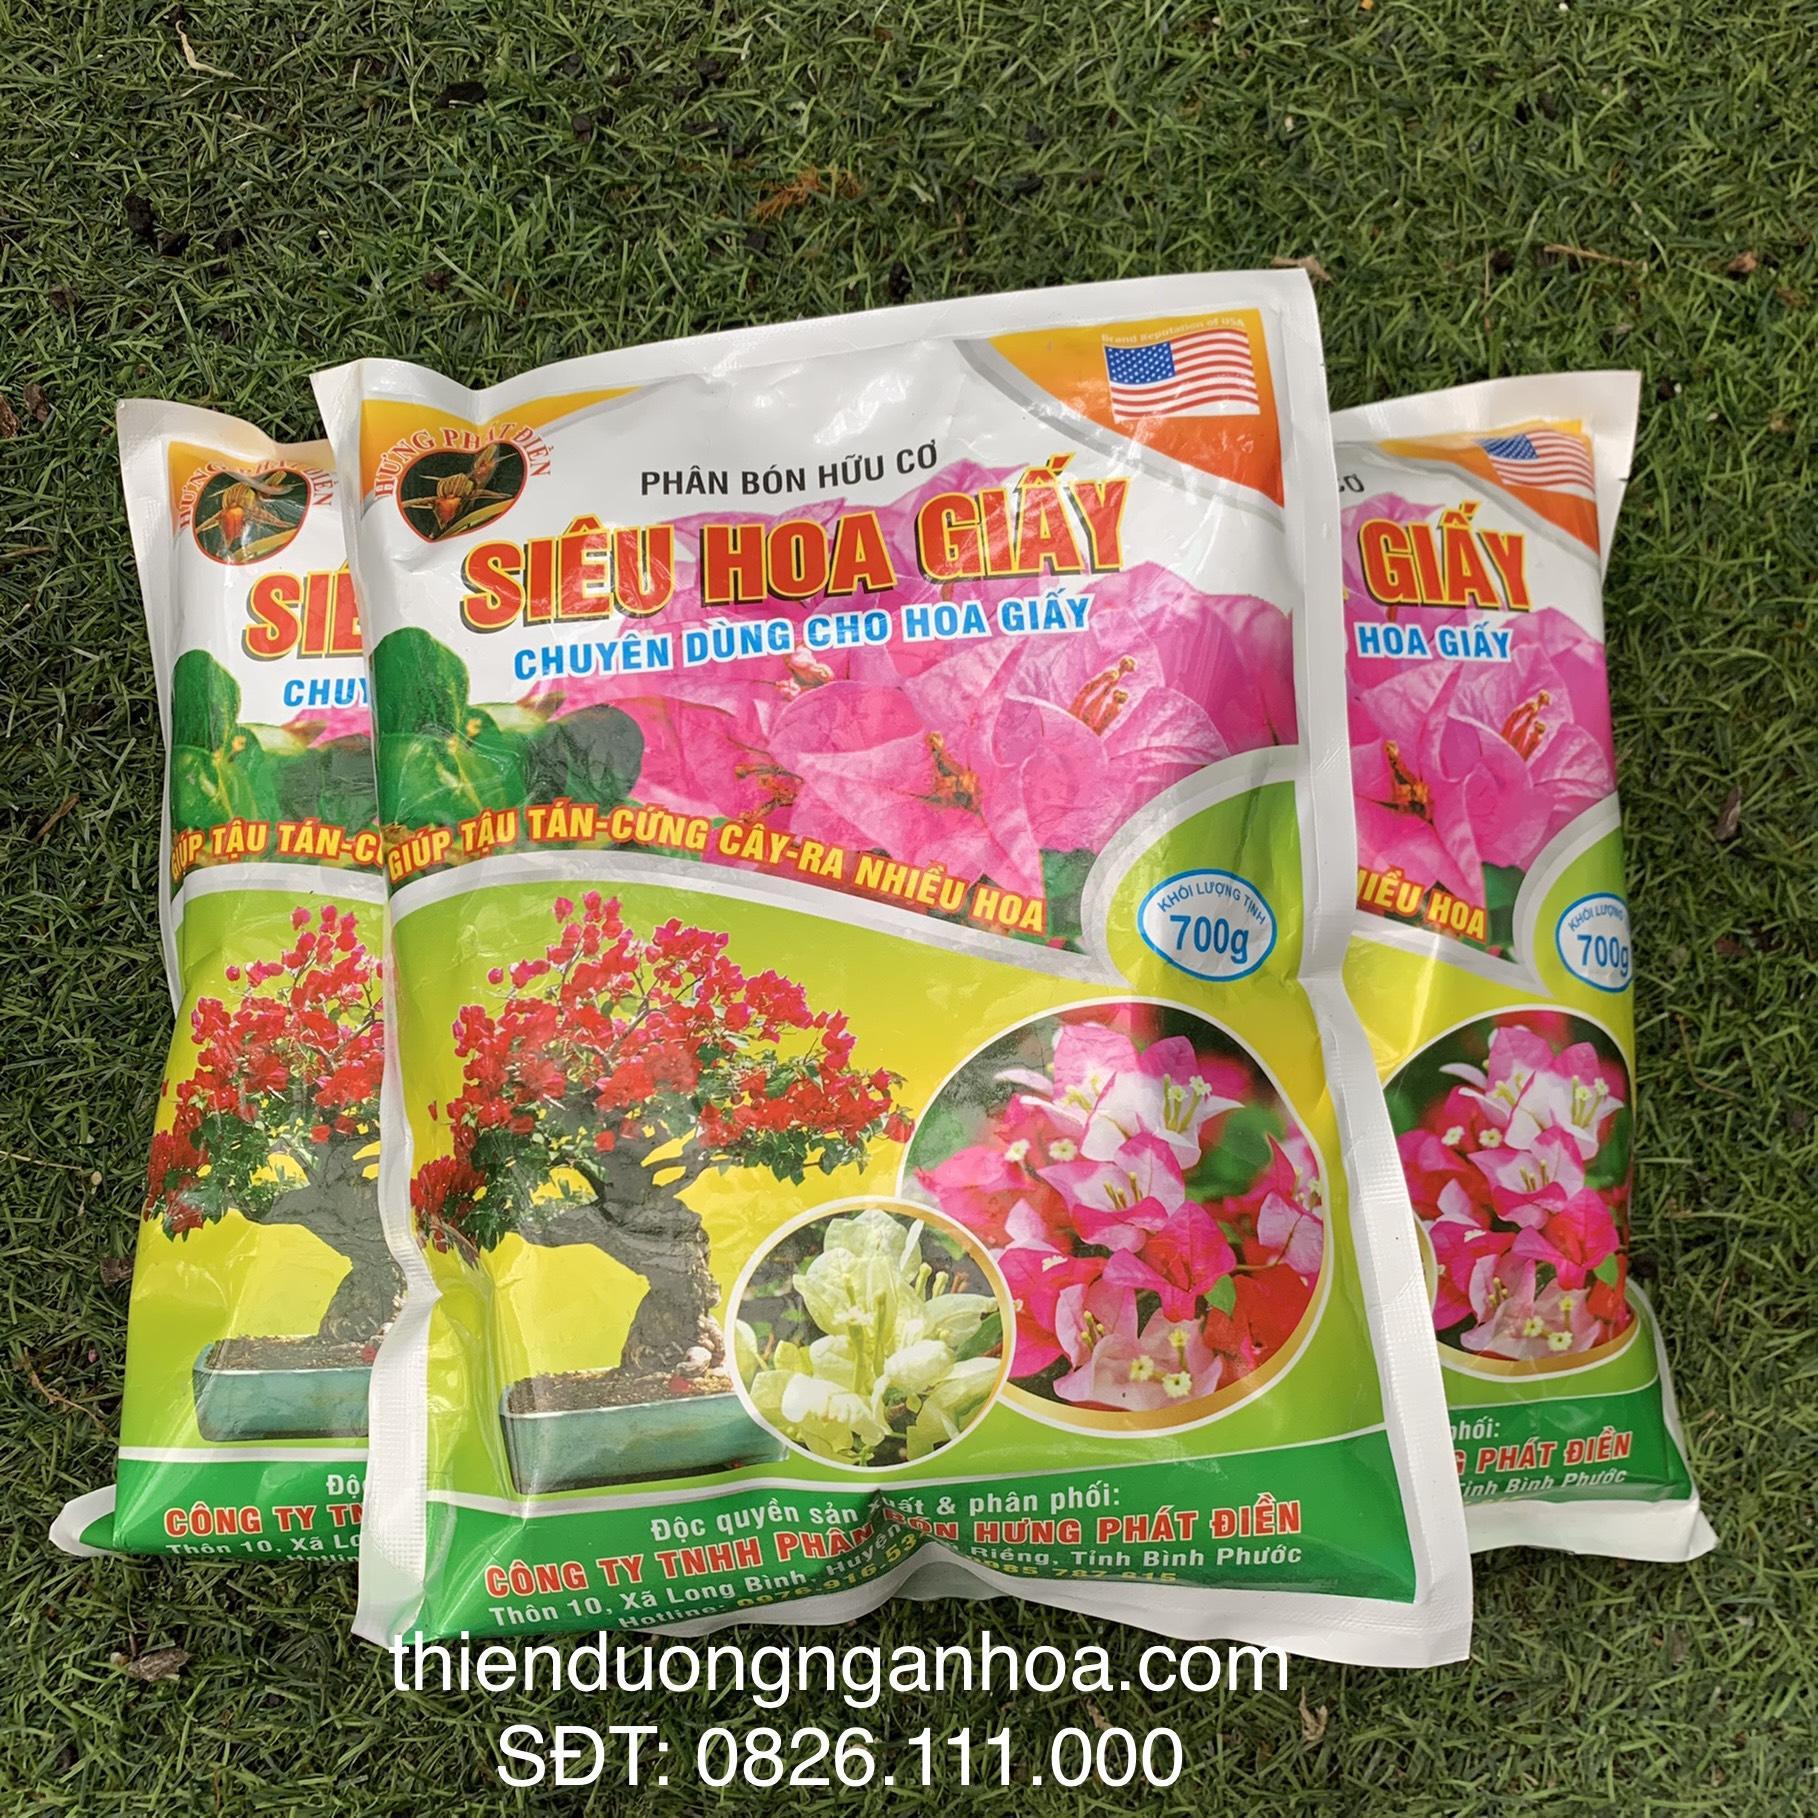 Bán phân bón kích hoa cho Hoa giấy phân bón hữu cơ siêu hoa giấy Hà Nội